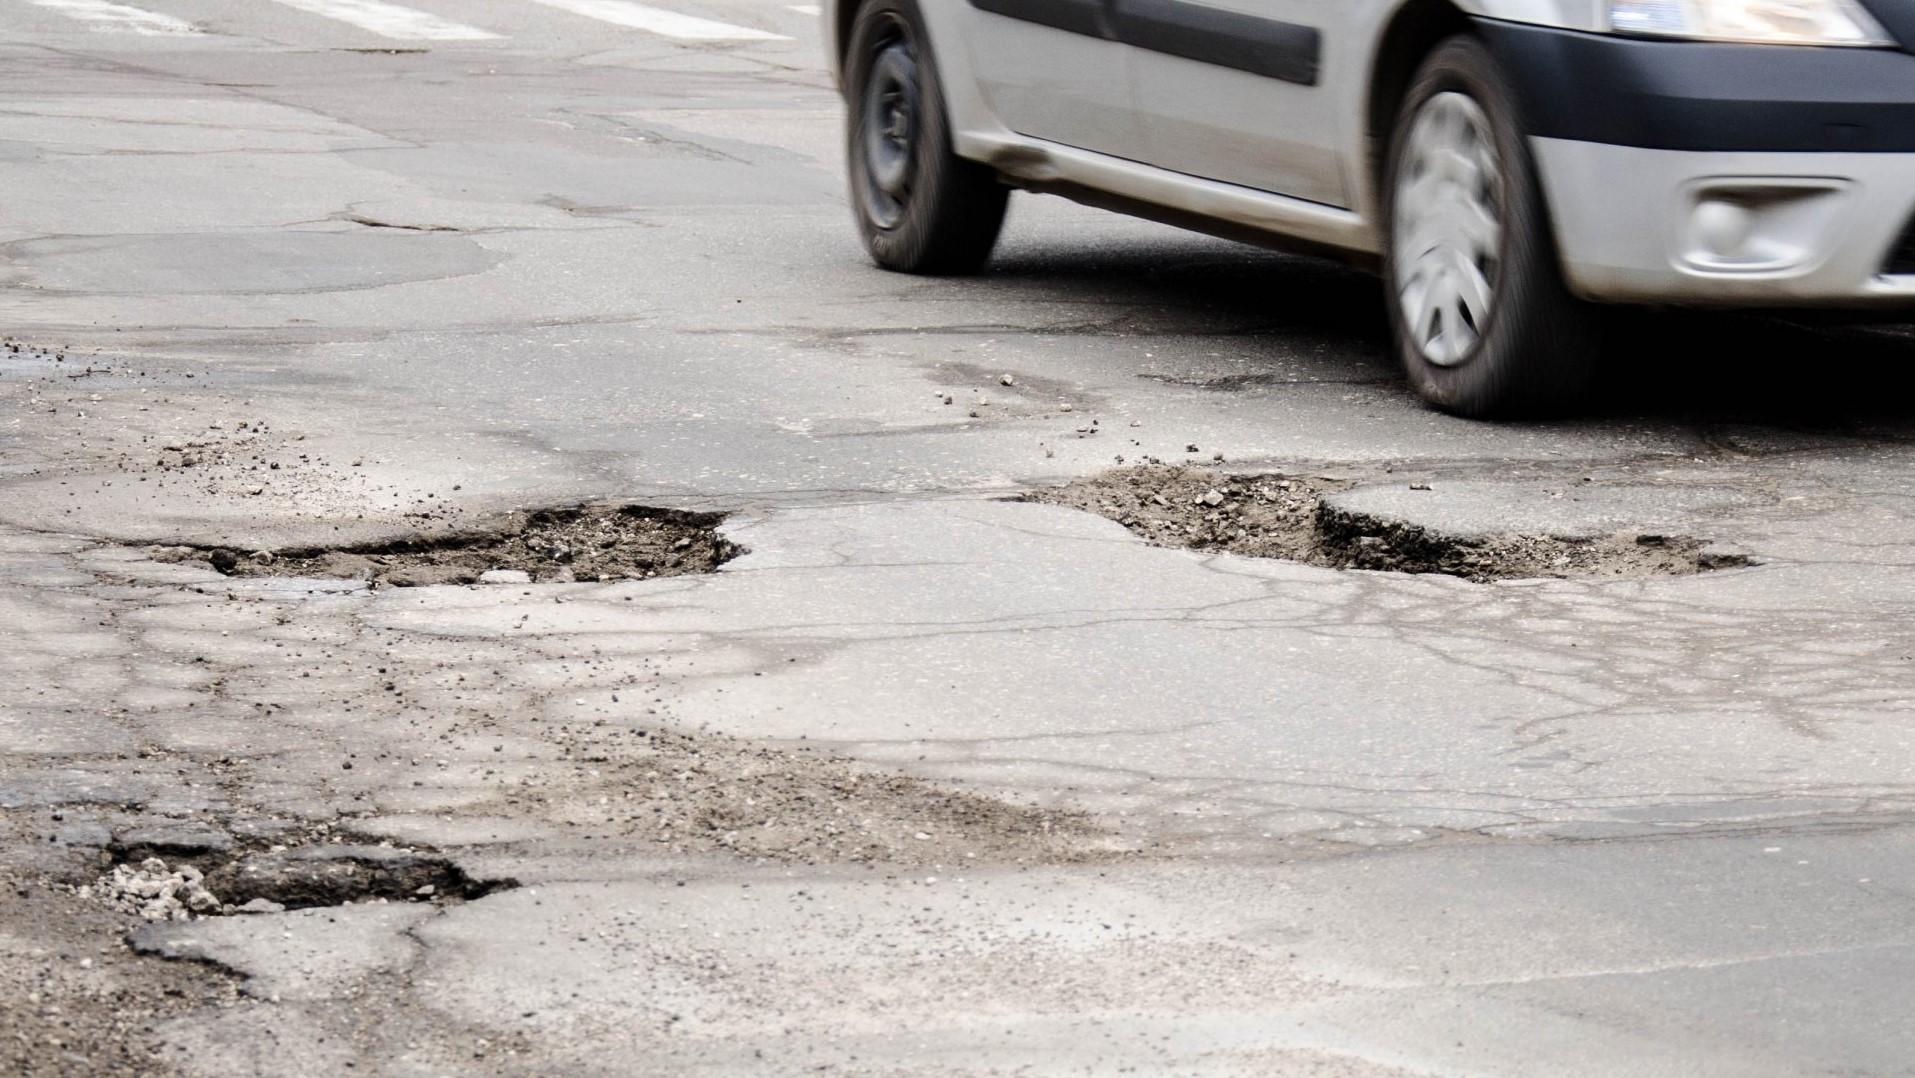 Як в Україні отримати компенсацію за поламане в ямі авто